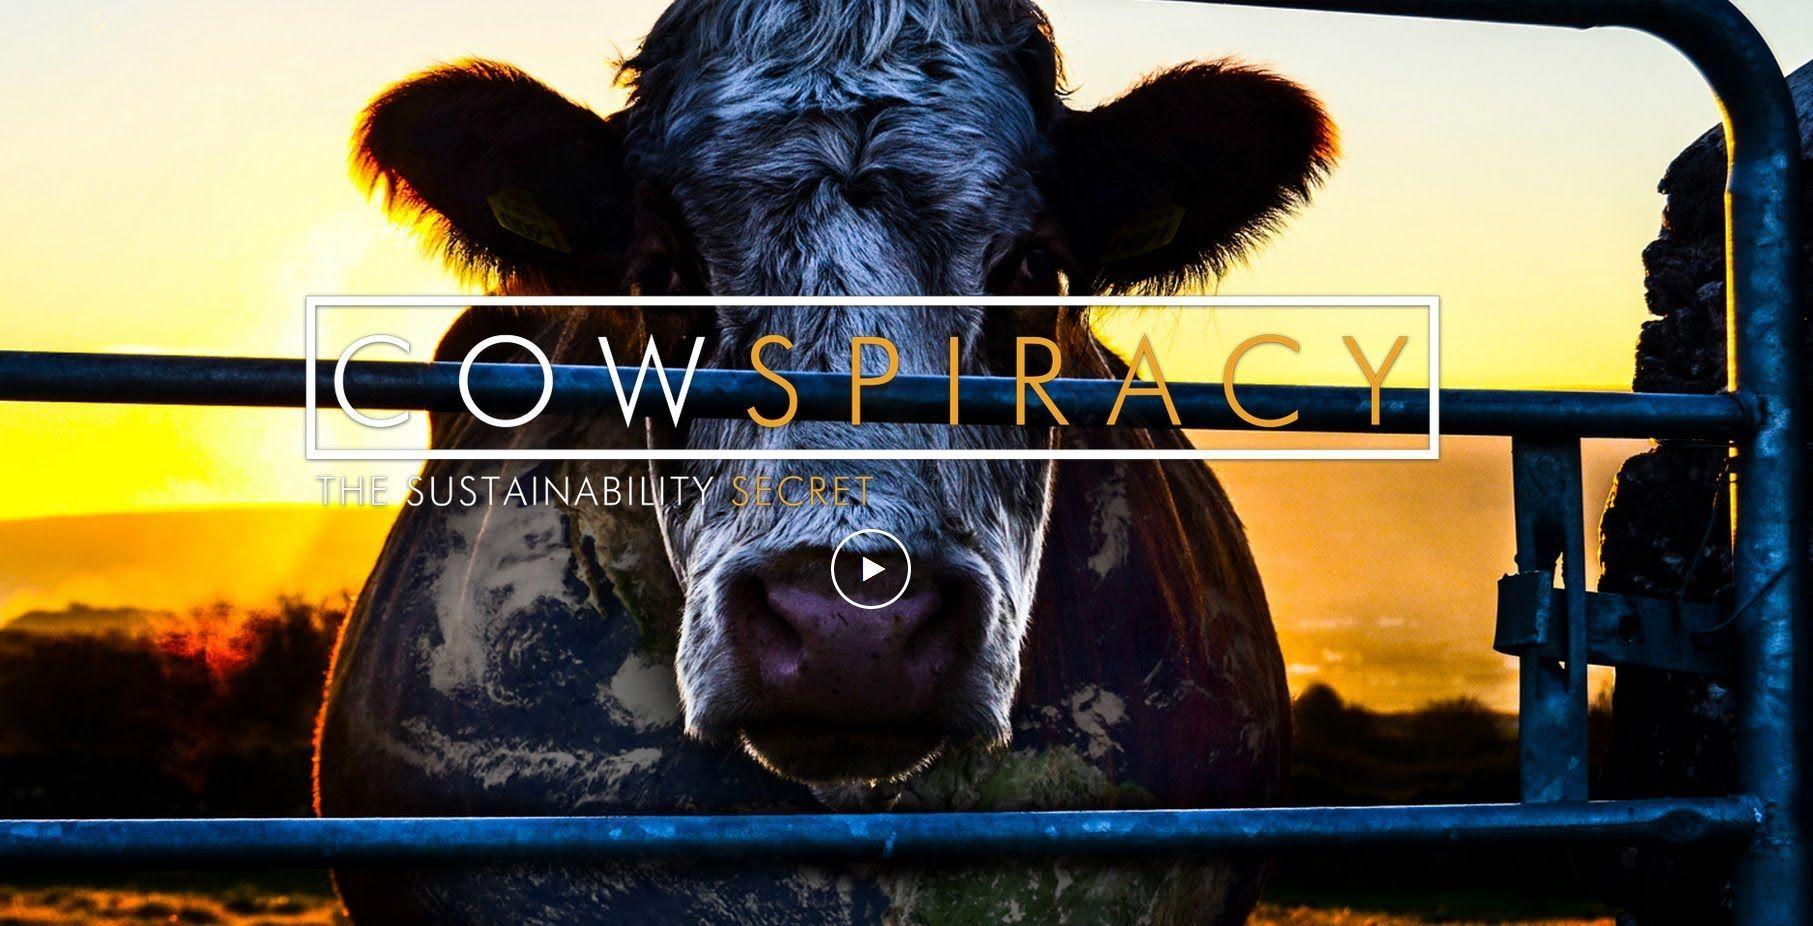 Cowspiracy, il documentario che denuncia l'industria più distruttiva del pianeta [INTERVISTA]